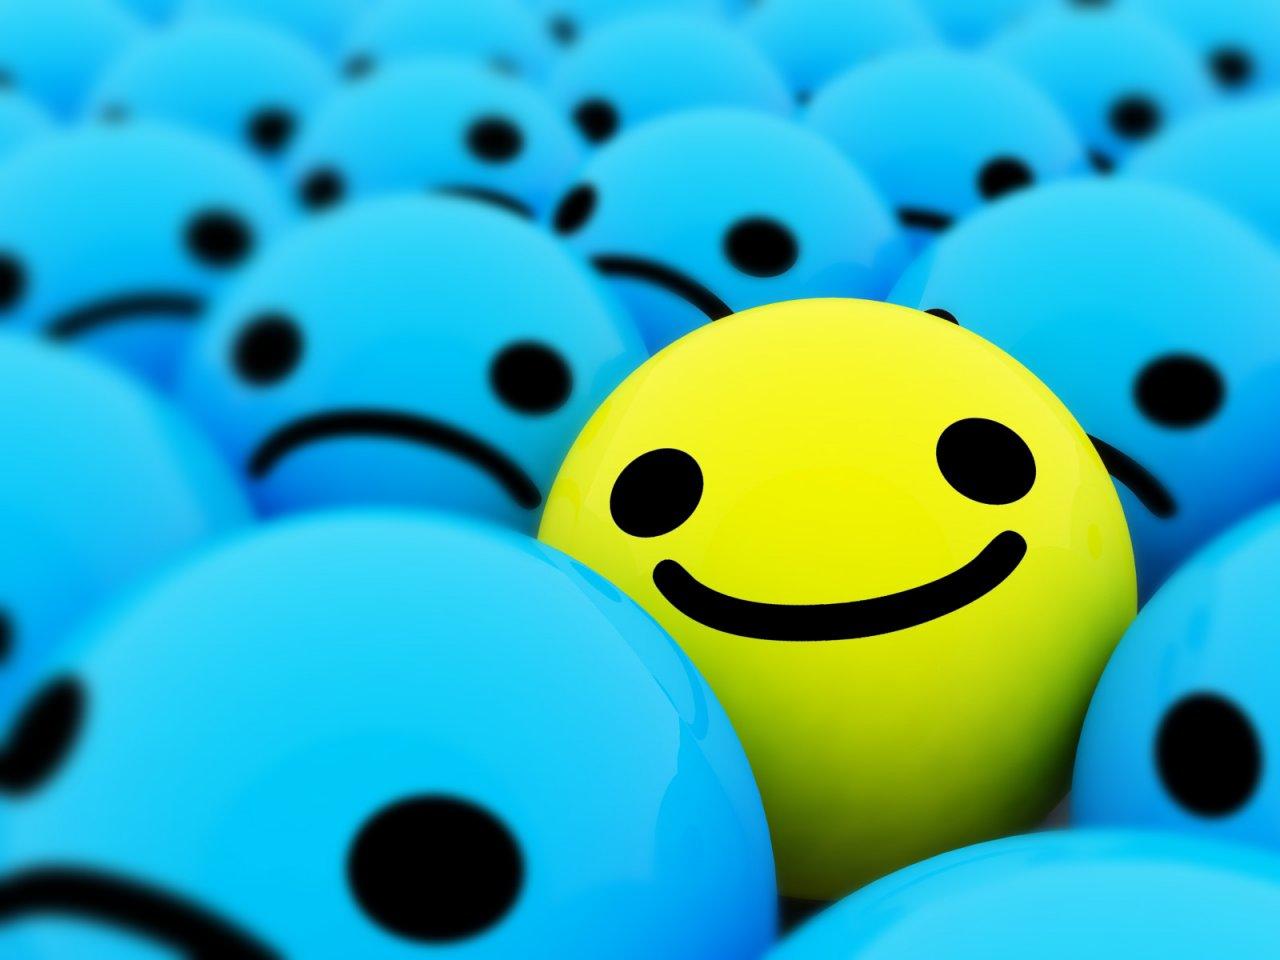 http://2.bp.blogspot.com/_T82tapcRxxc/TA4BnO-N6uI/AAAAAAAABZw/CuWxydcXQB4/s1600/3d_-_smiles.jpg